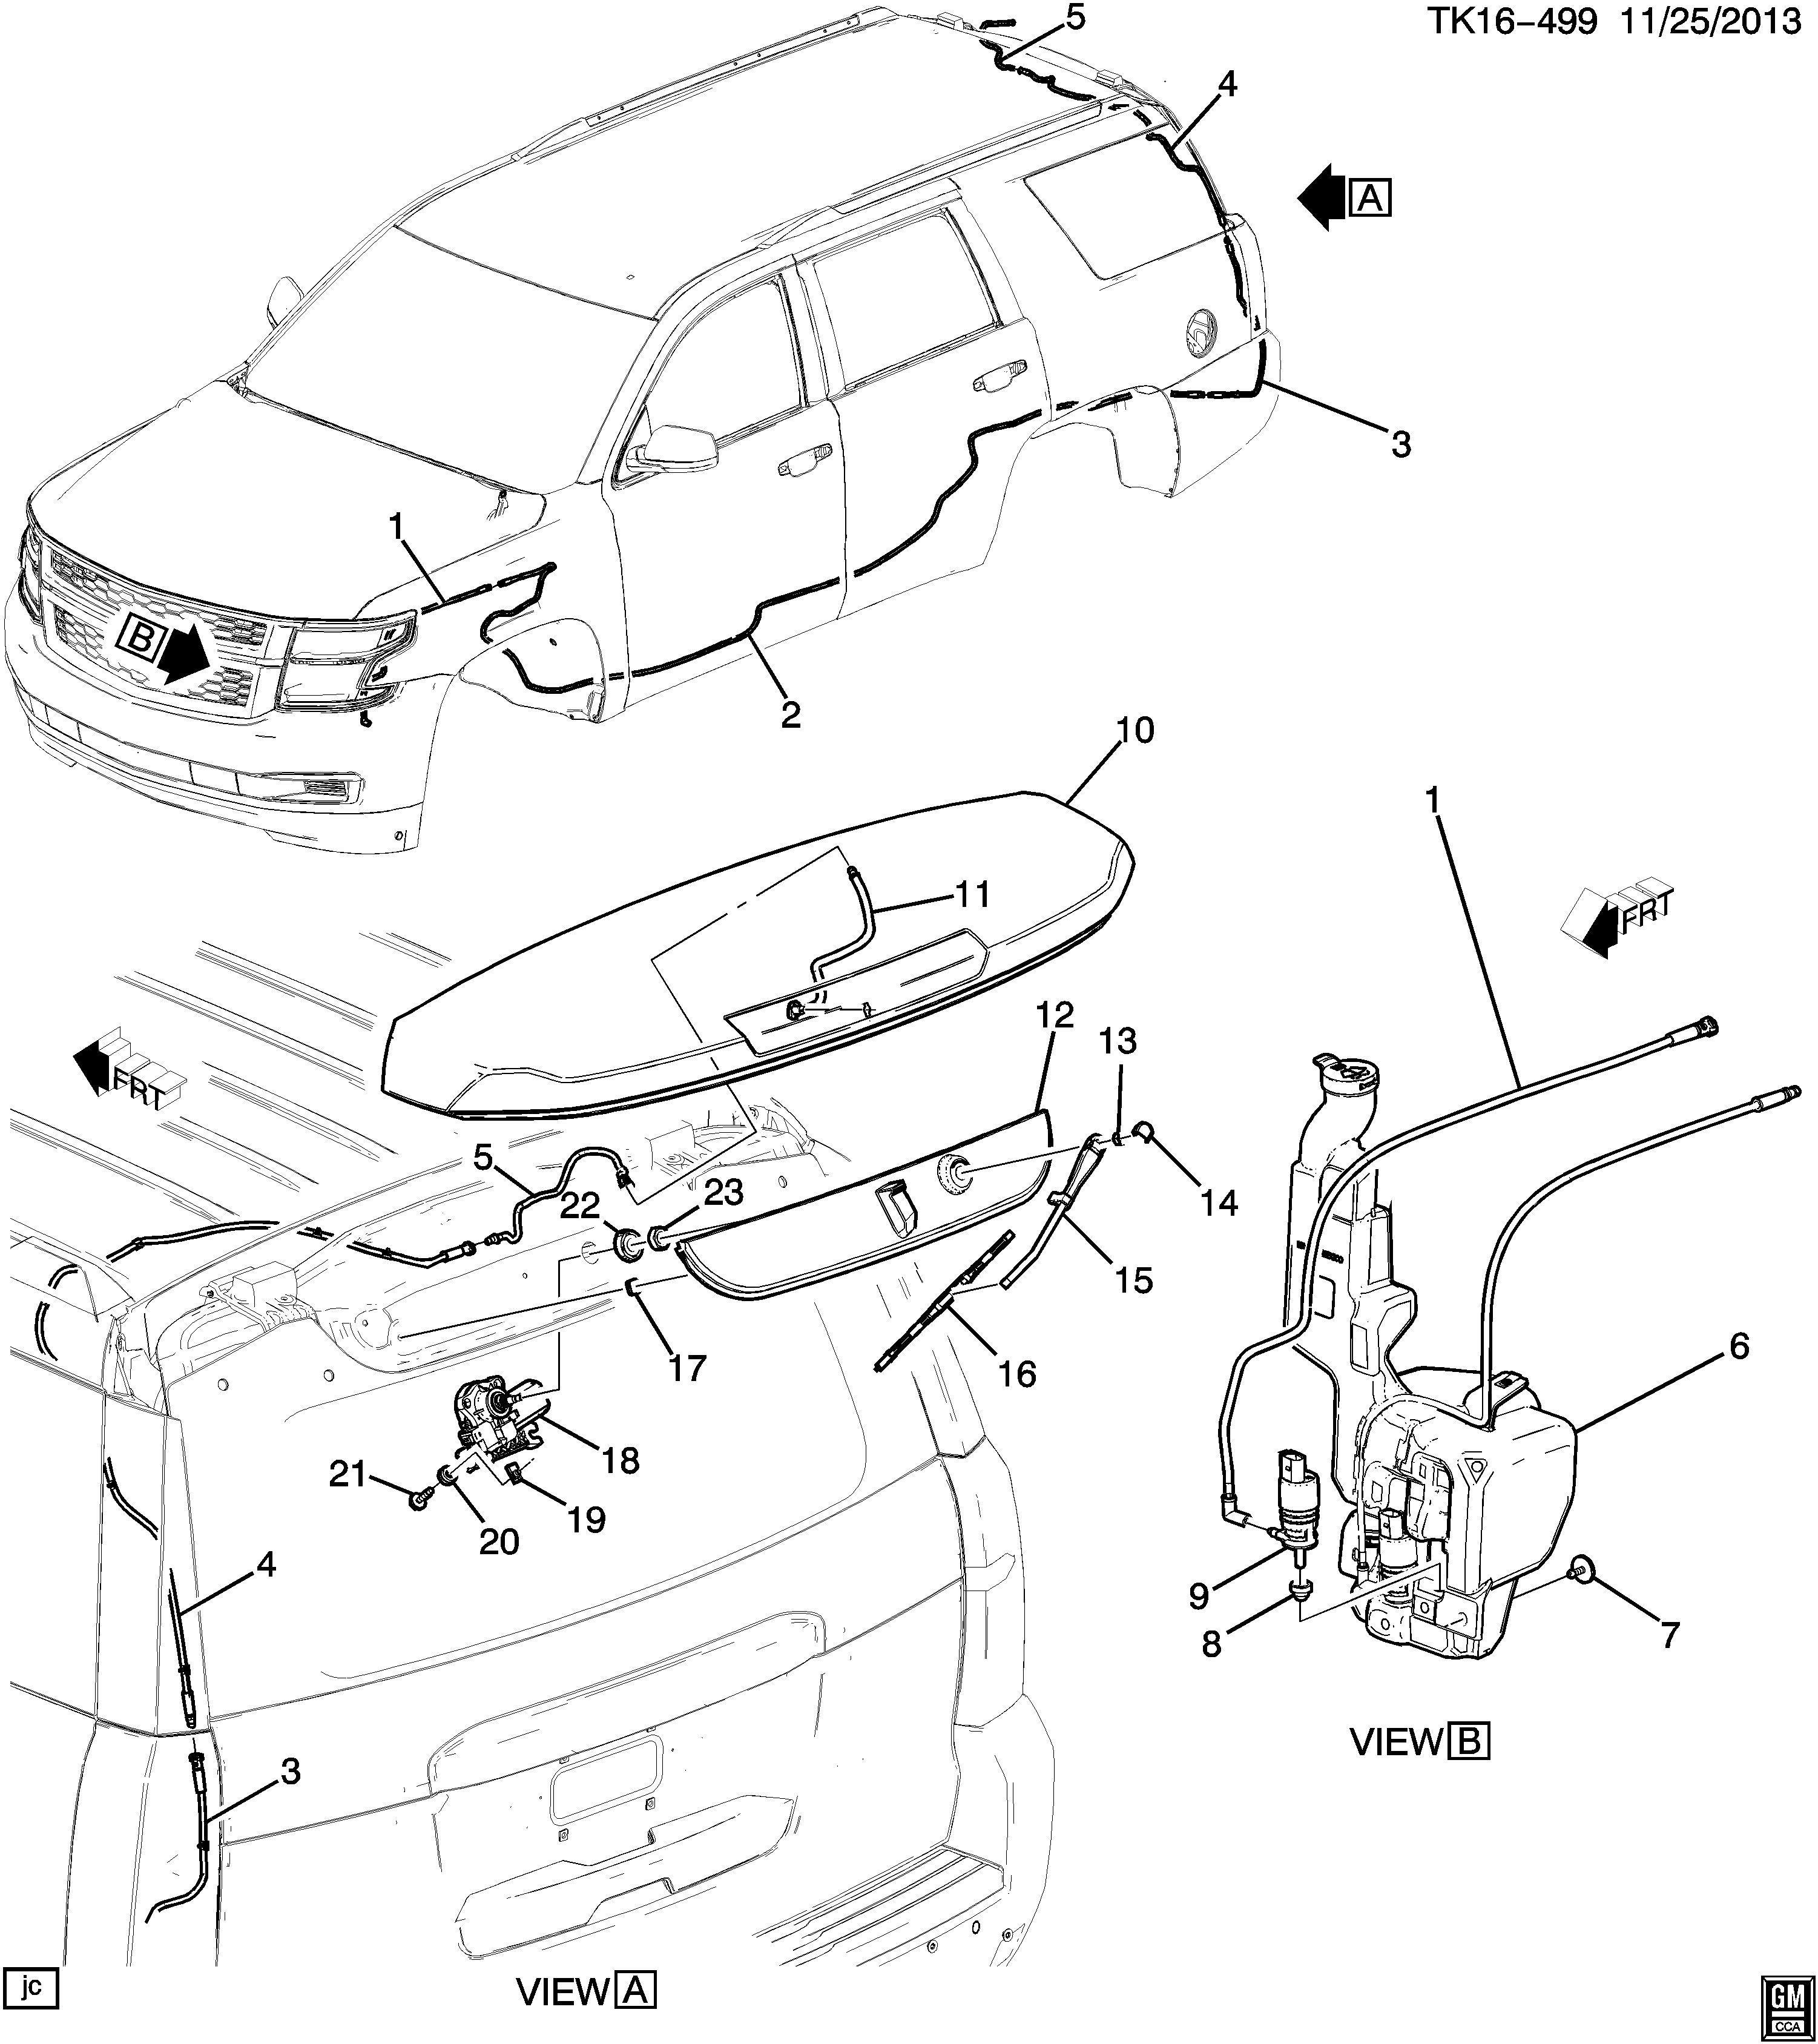 Chevrolet Tahoe Base 4dr Motor Rear Window Wiper